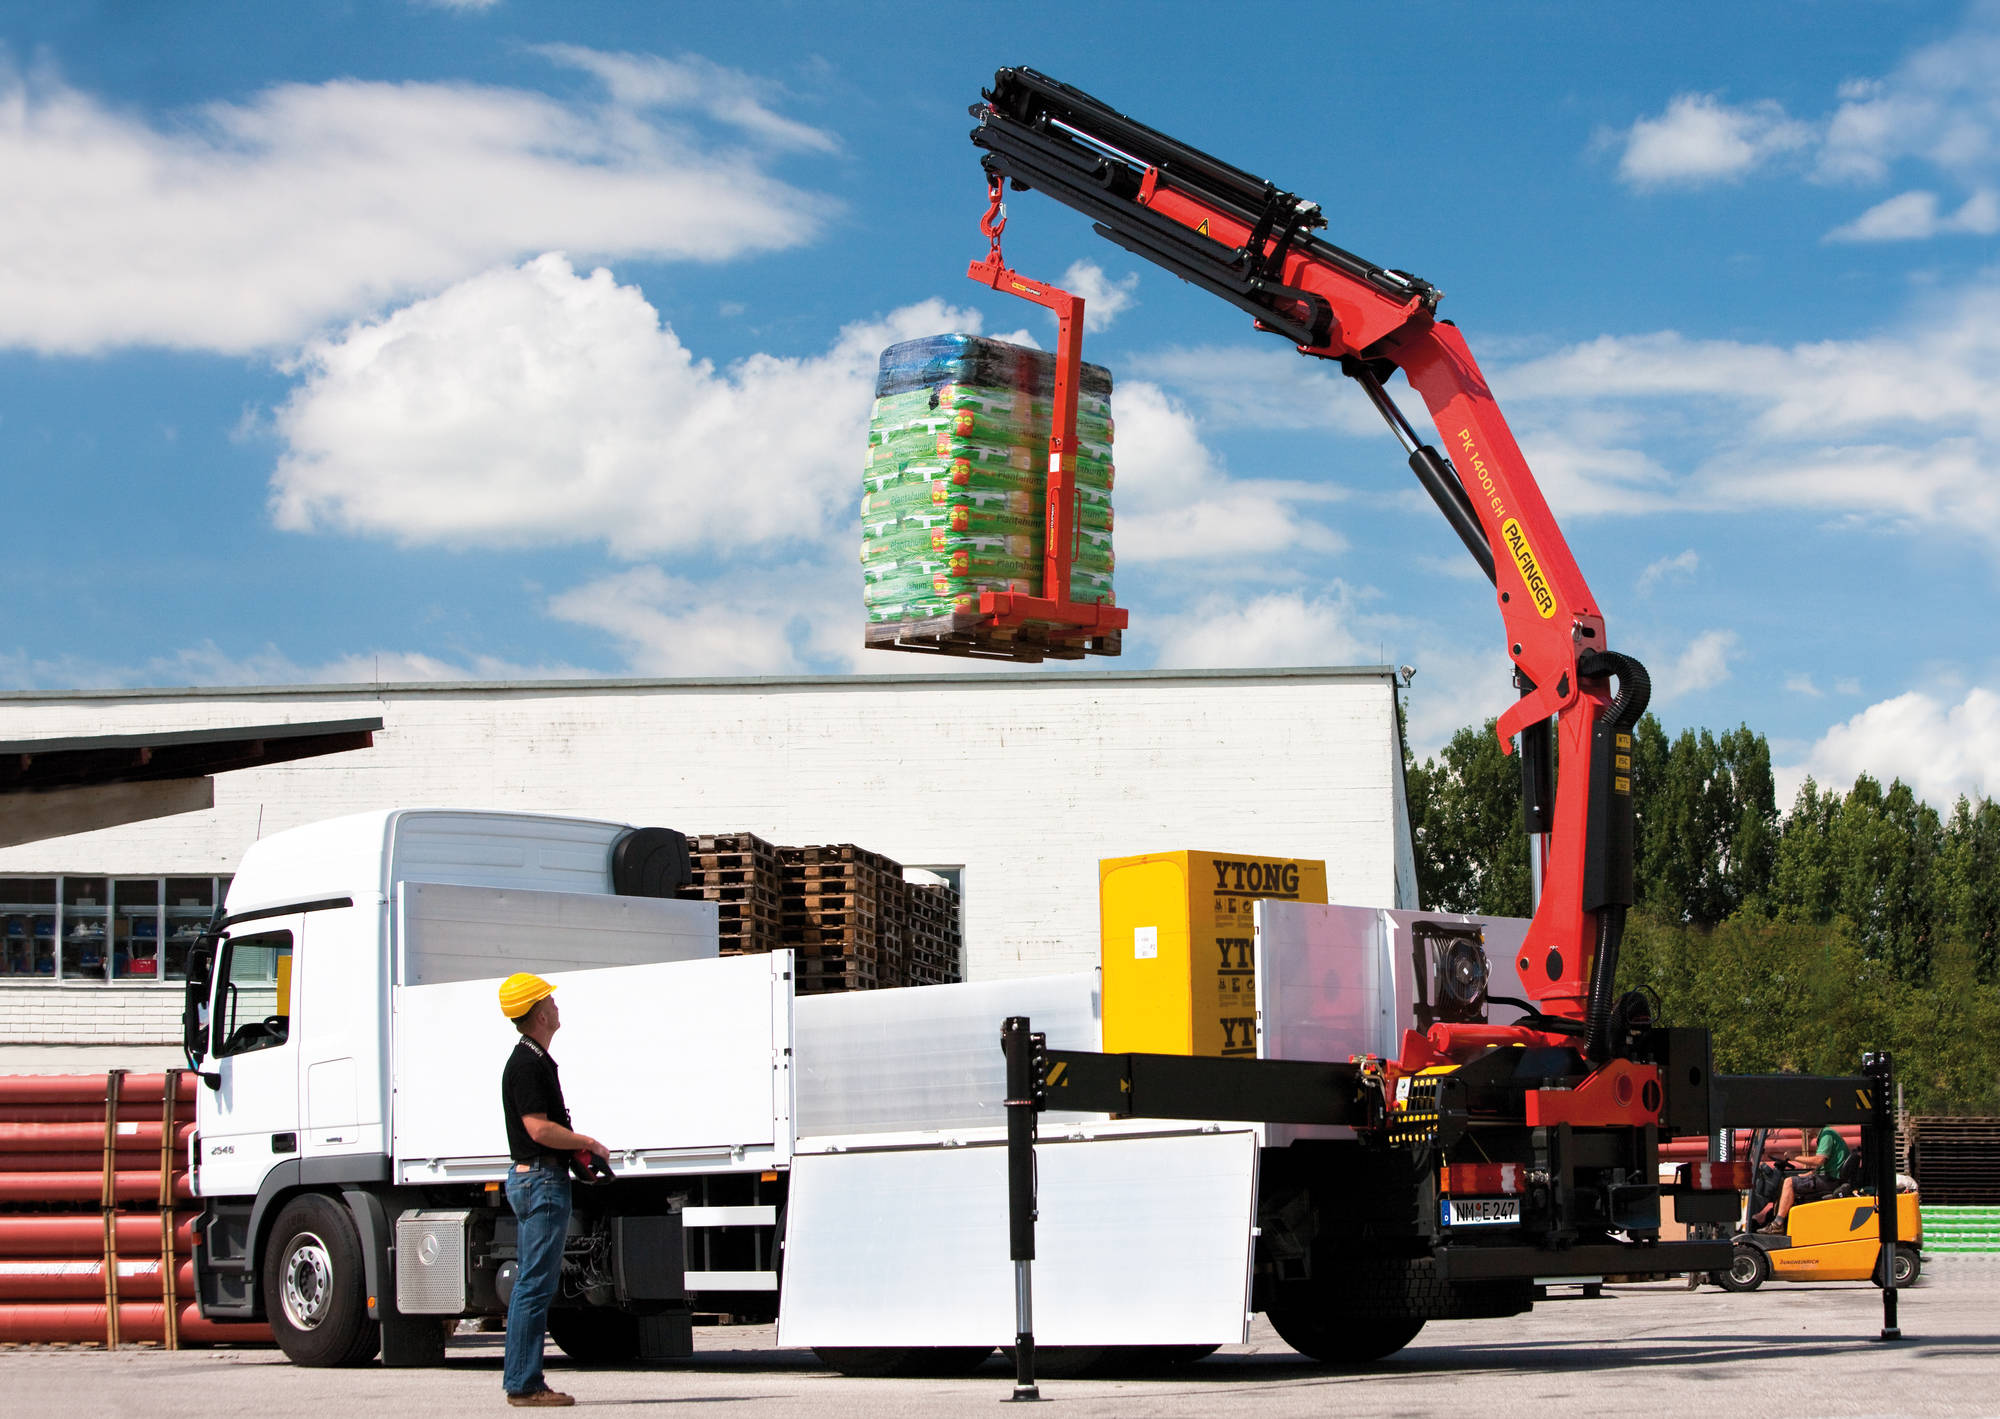 Forche gru per cantiere: strumenti di sicurezza nell'edilizia